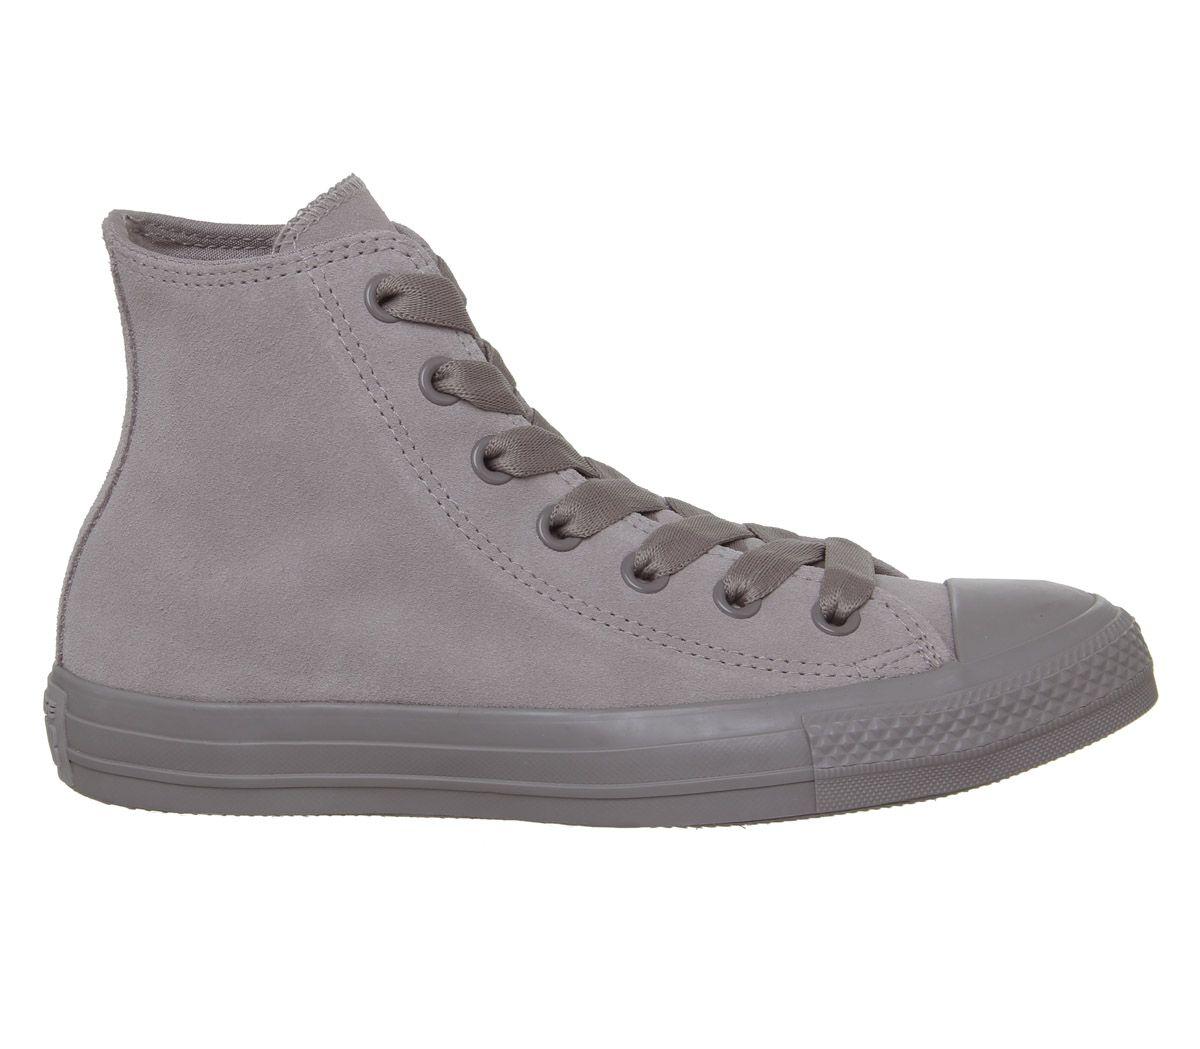 meet 9c7f5 e7d60 SENTINELLE Womens Converse Converse All Star Hi chaussures gris formateurs  de formateurs mercure